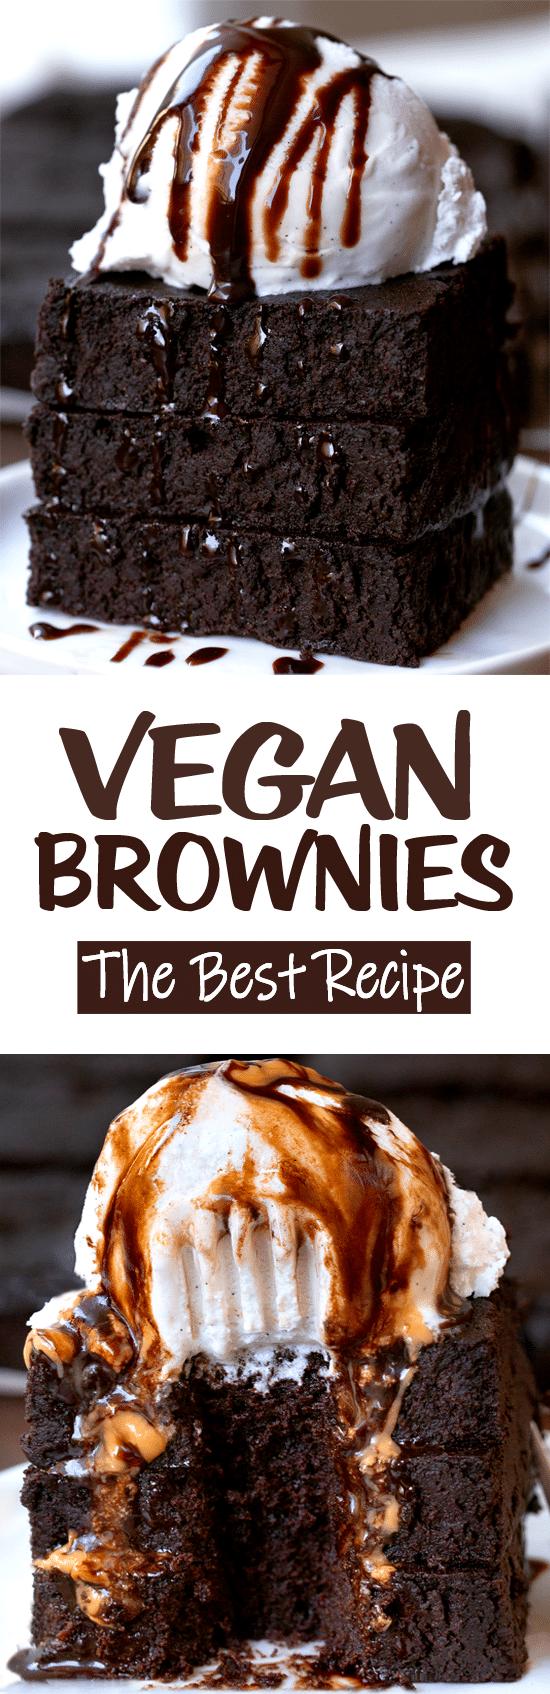 The Best Easy Healthy Chocolate Vegan Brownies Recipe